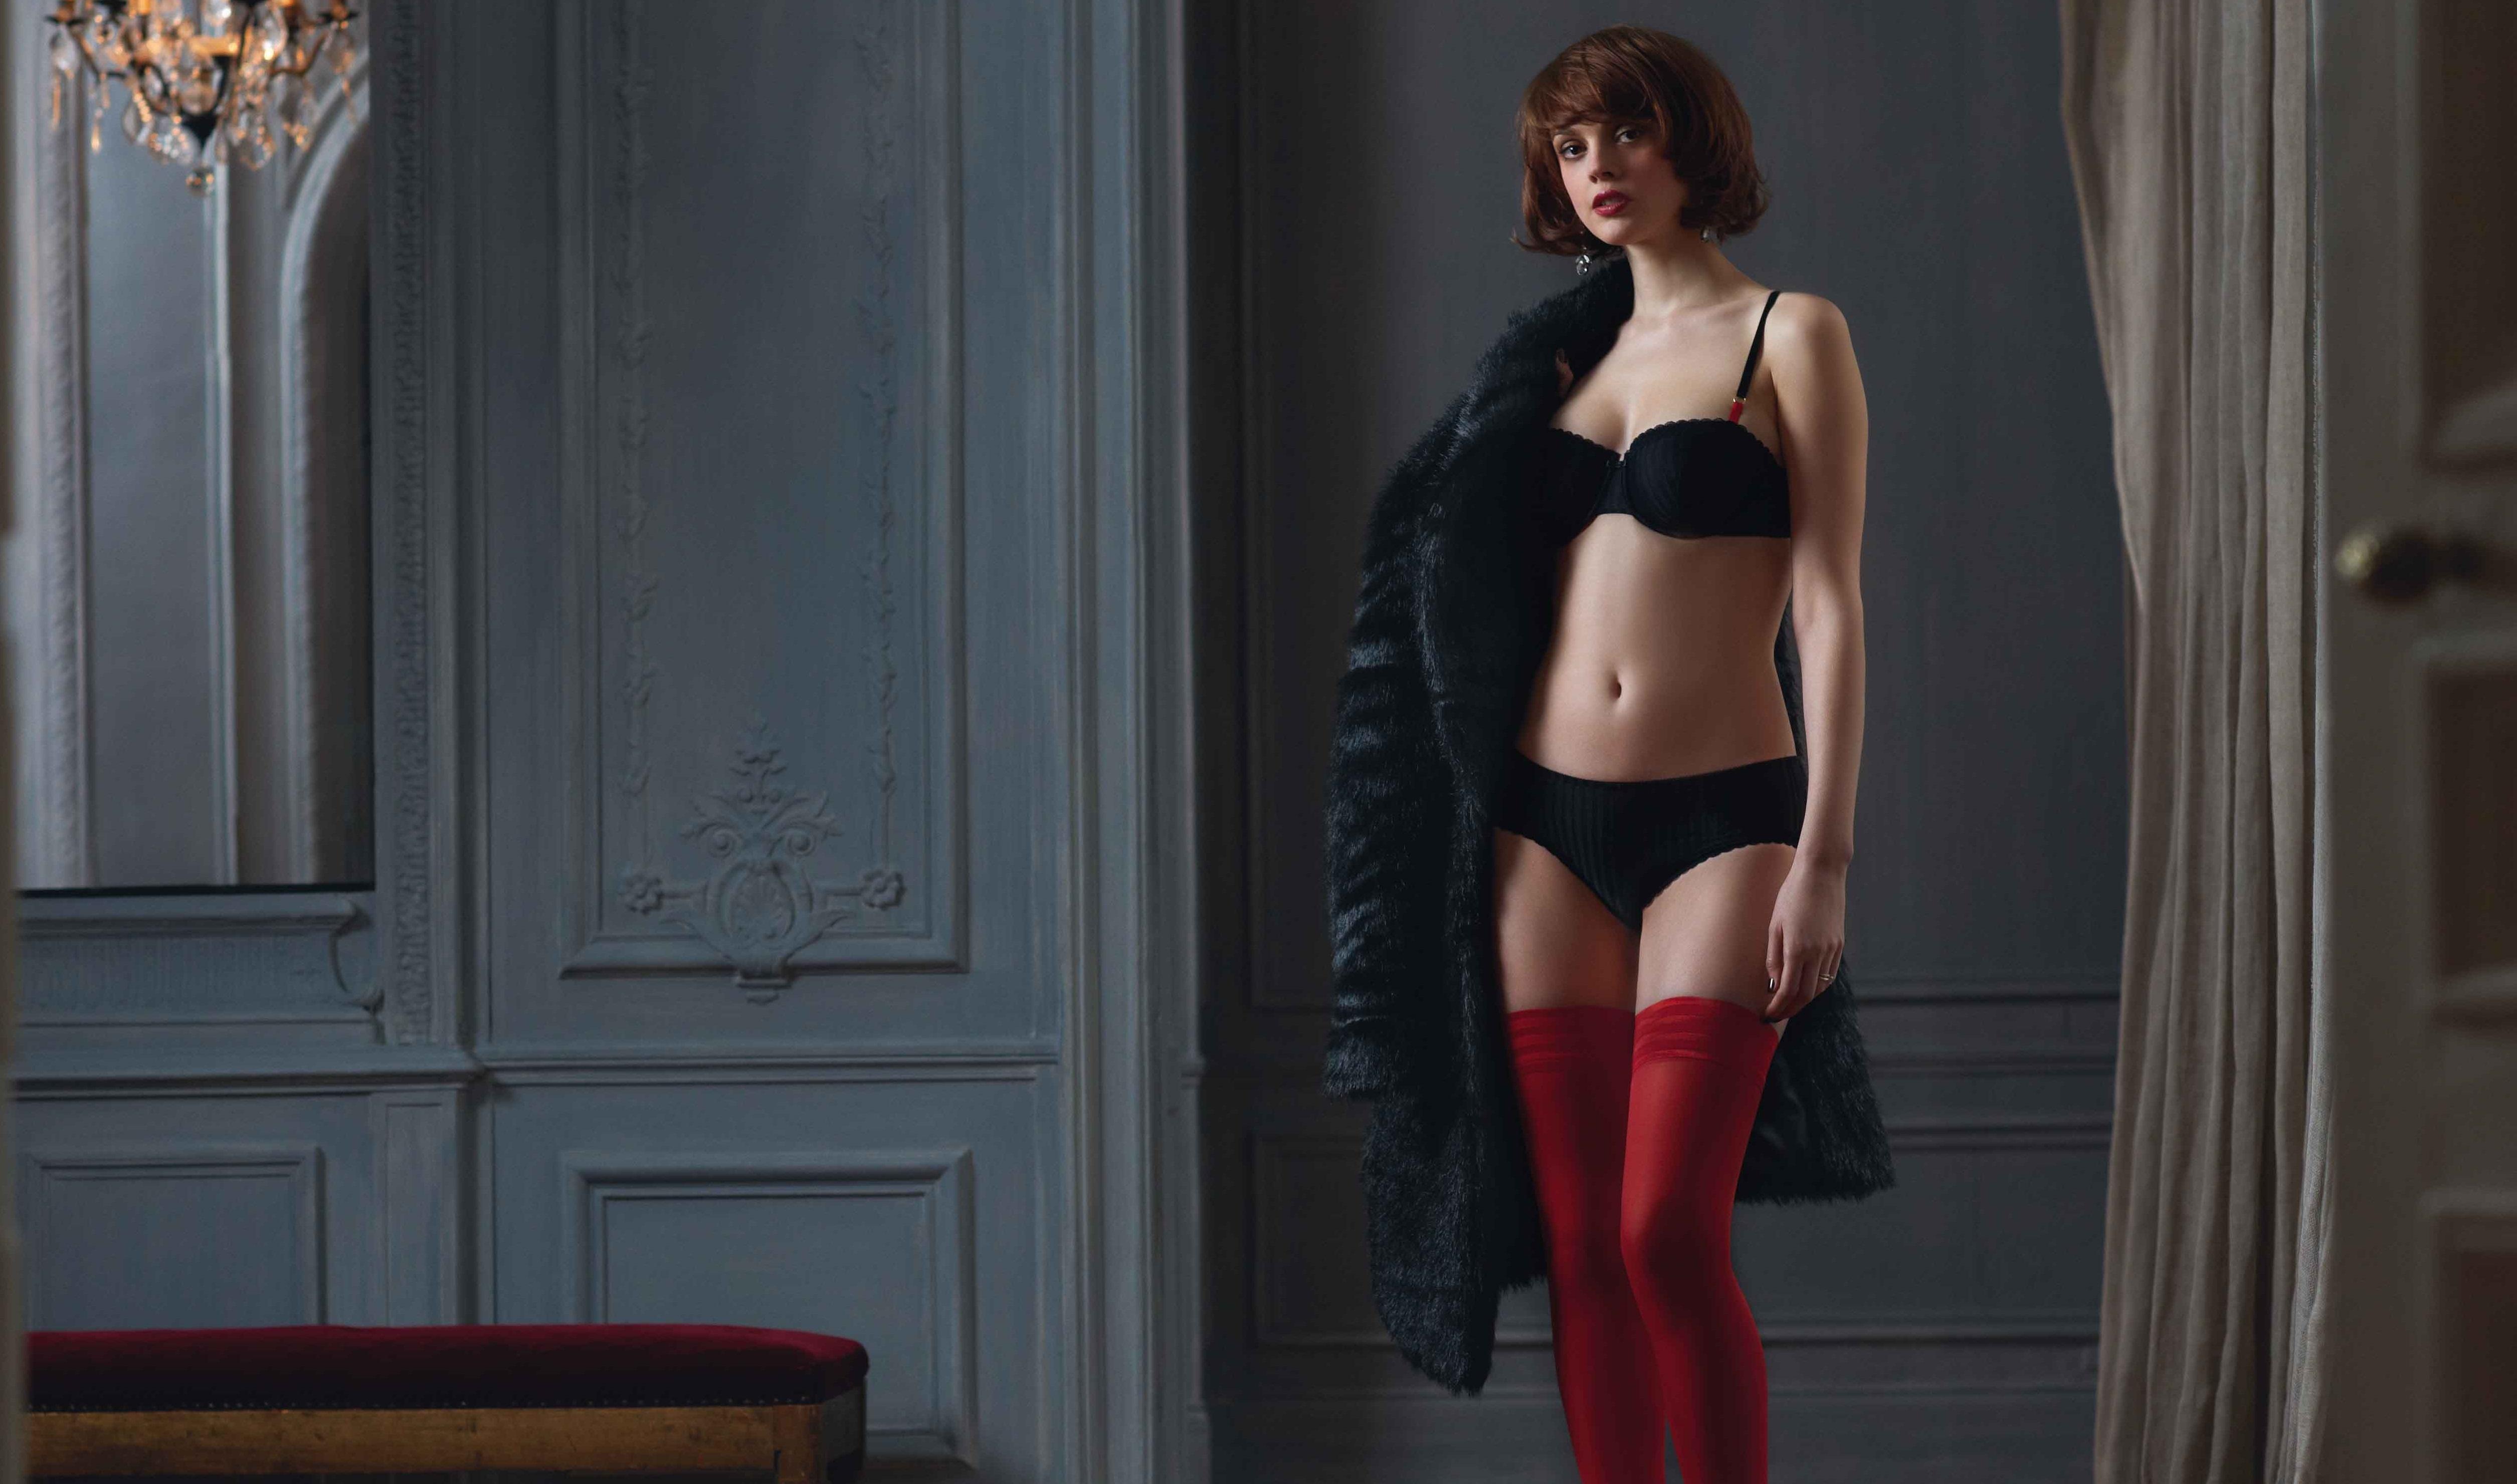 Черное белье и красные чулки в картинках 22 фотография